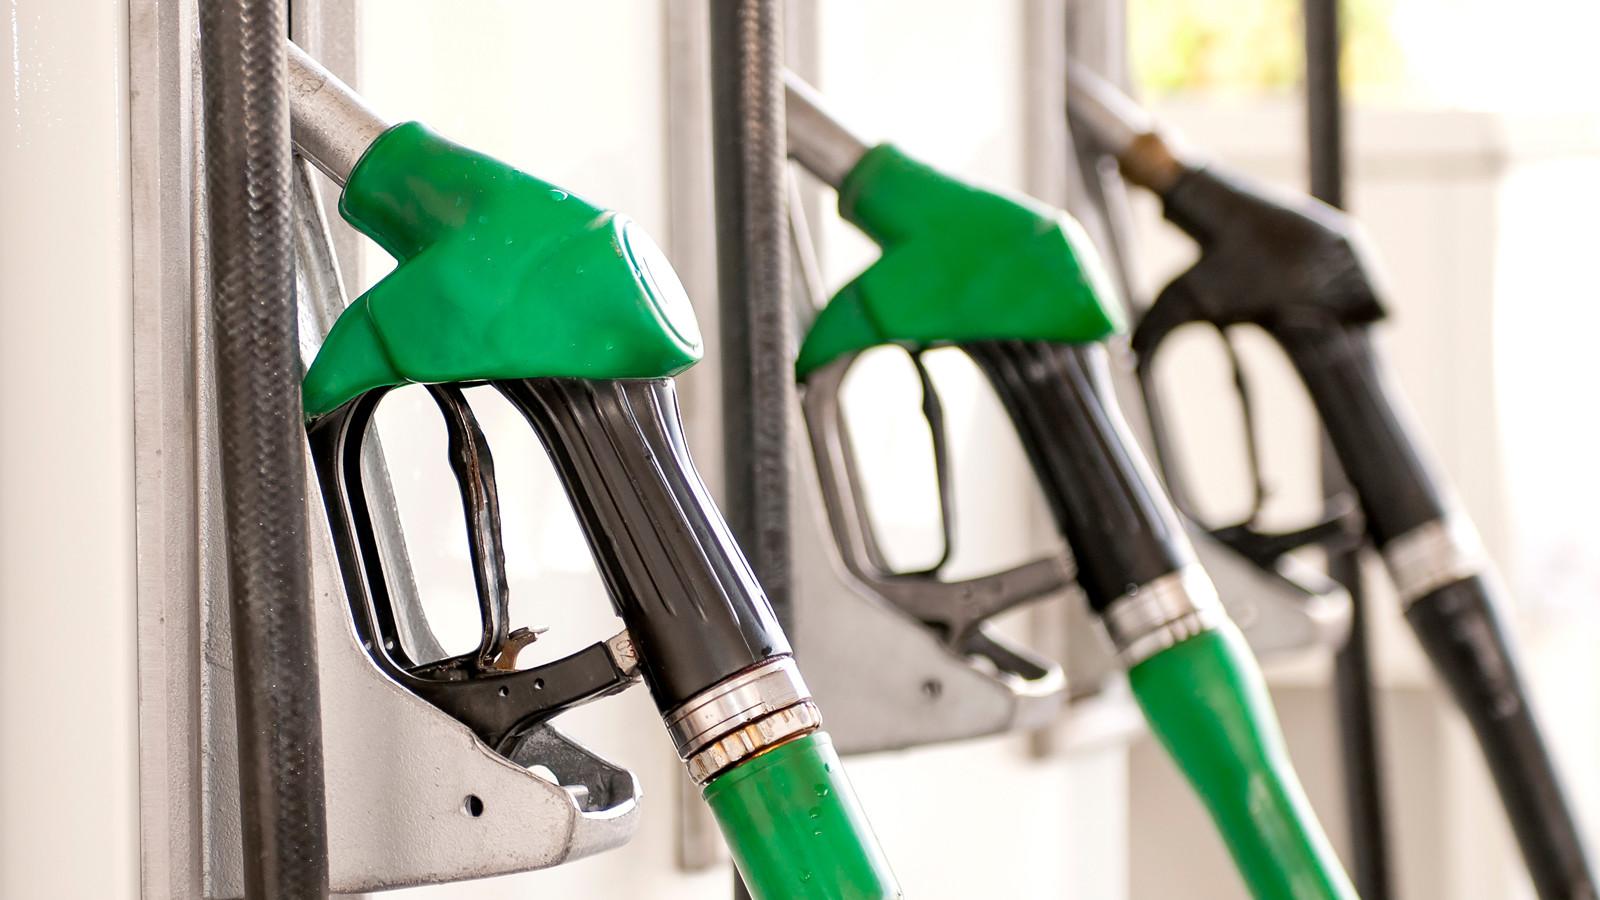 ВУльяновске увеличились цены набензин